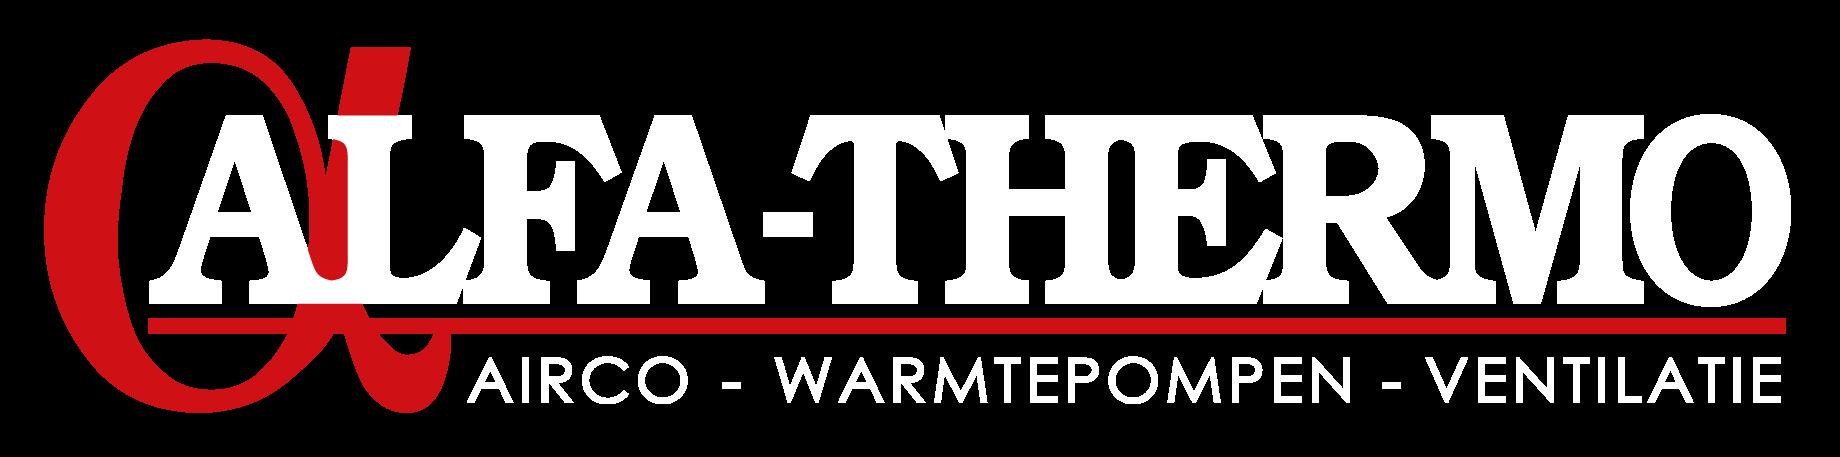 Alfa Thermo